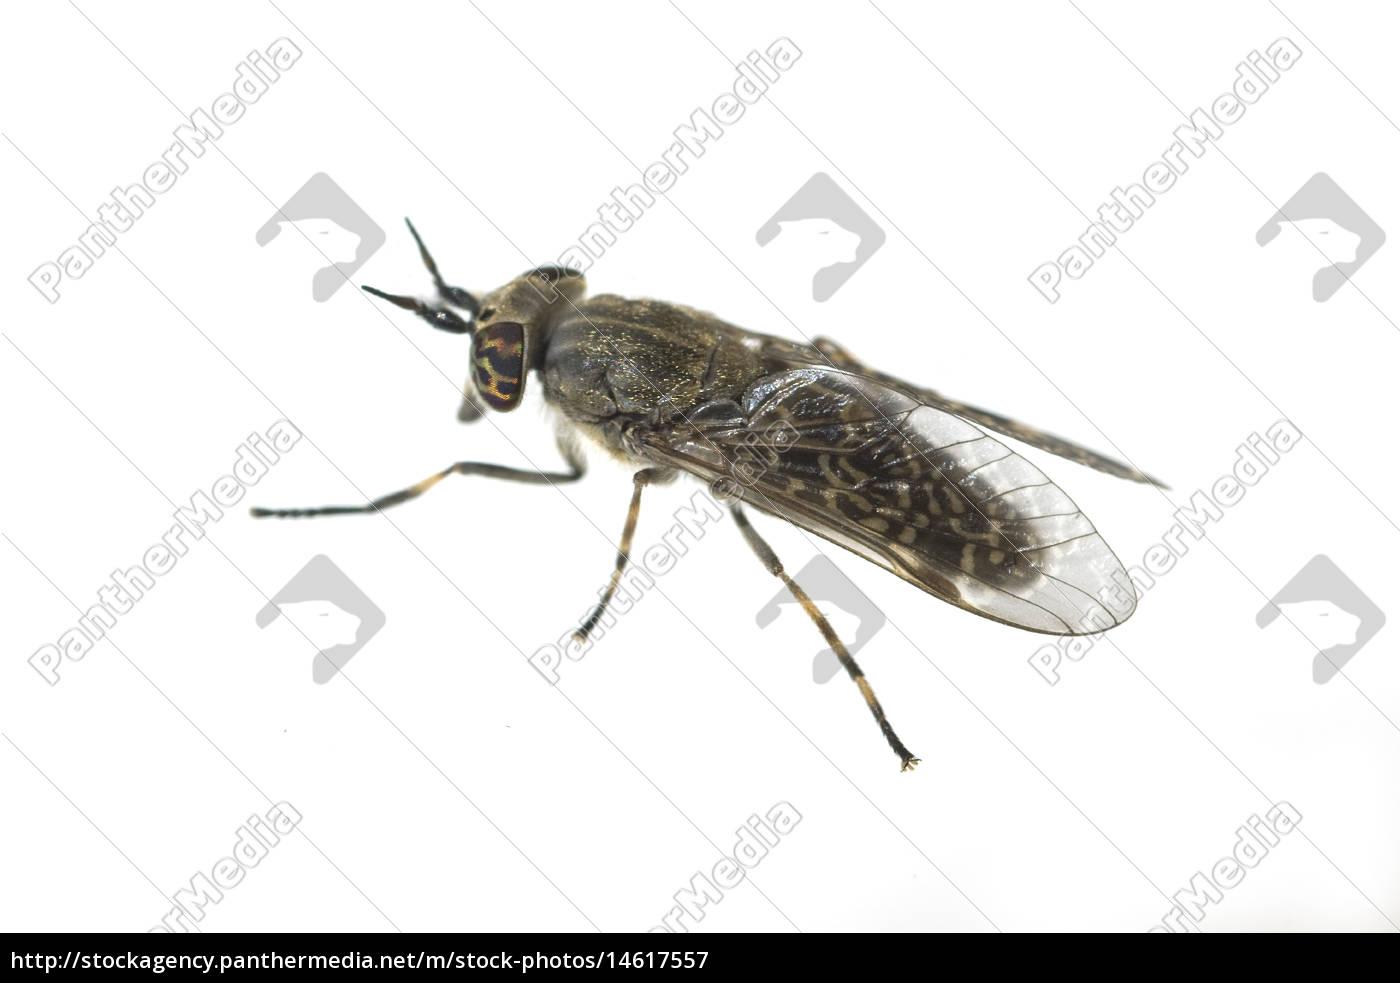 bremse bremsen fliege rinderbremse insekt stockfoto. Black Bedroom Furniture Sets. Home Design Ideas